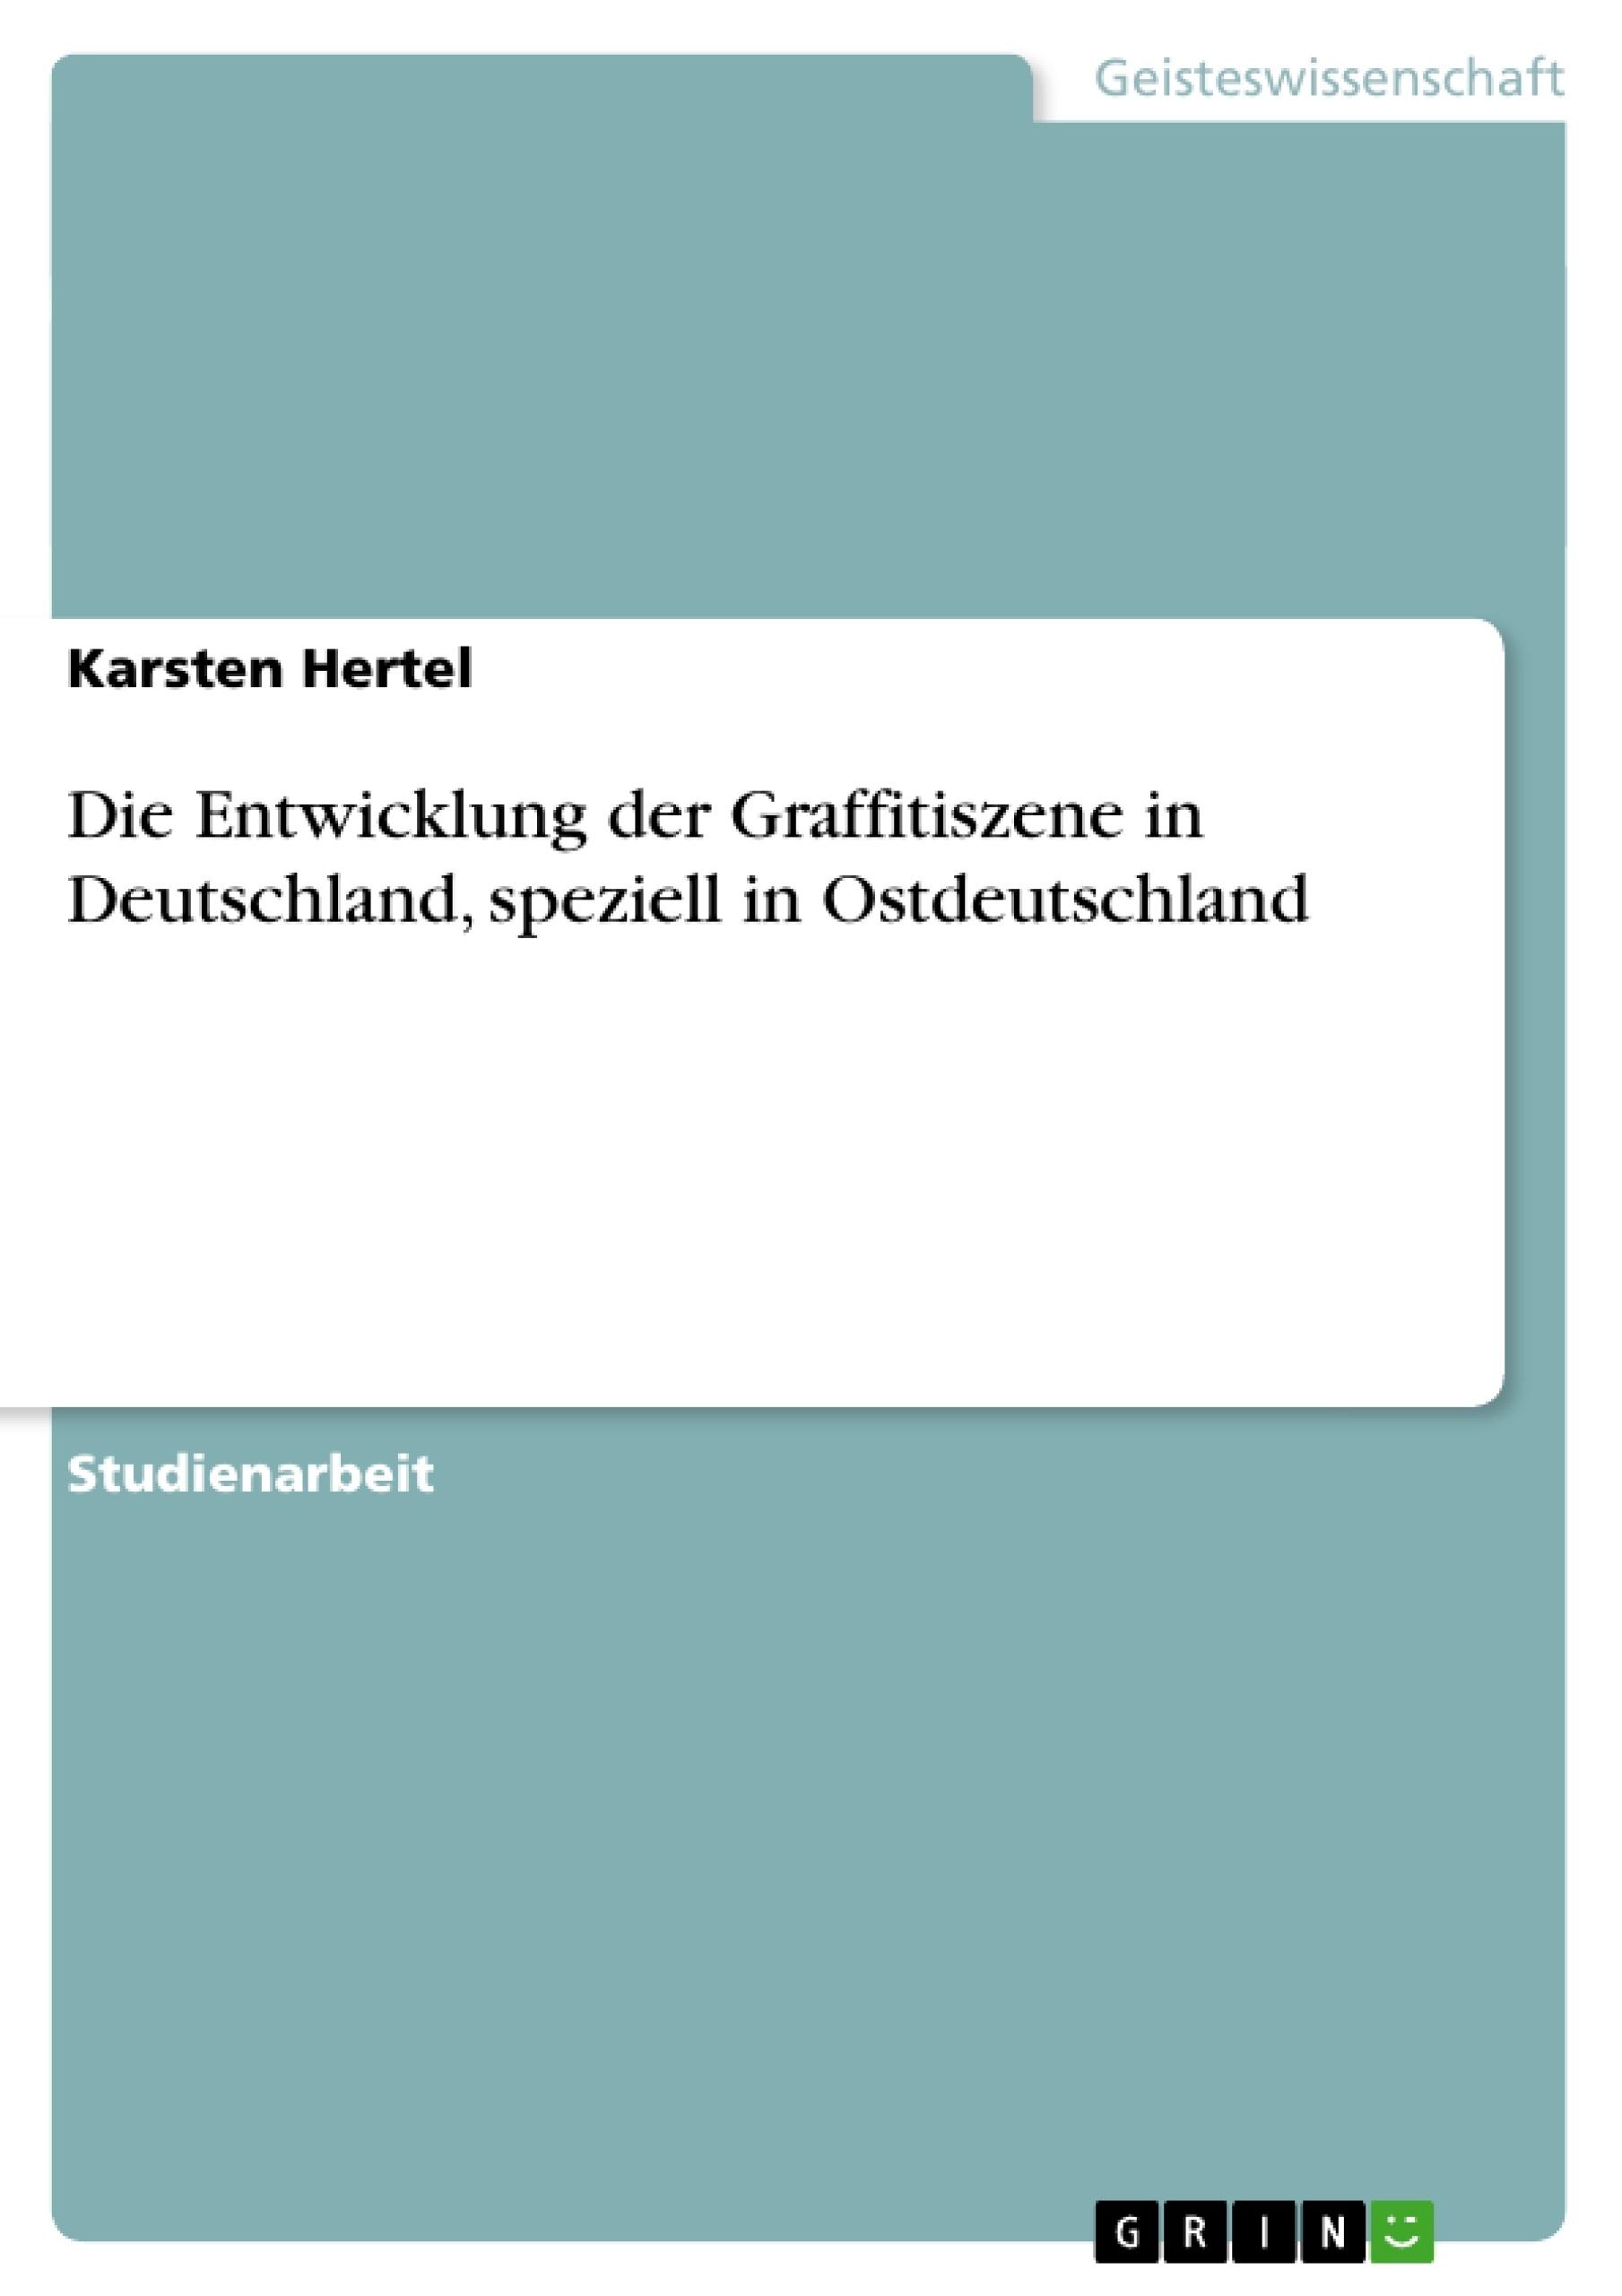 Titel: Die Entwicklung der Graffitiszene in Deutschland, speziell in Ostdeutschland